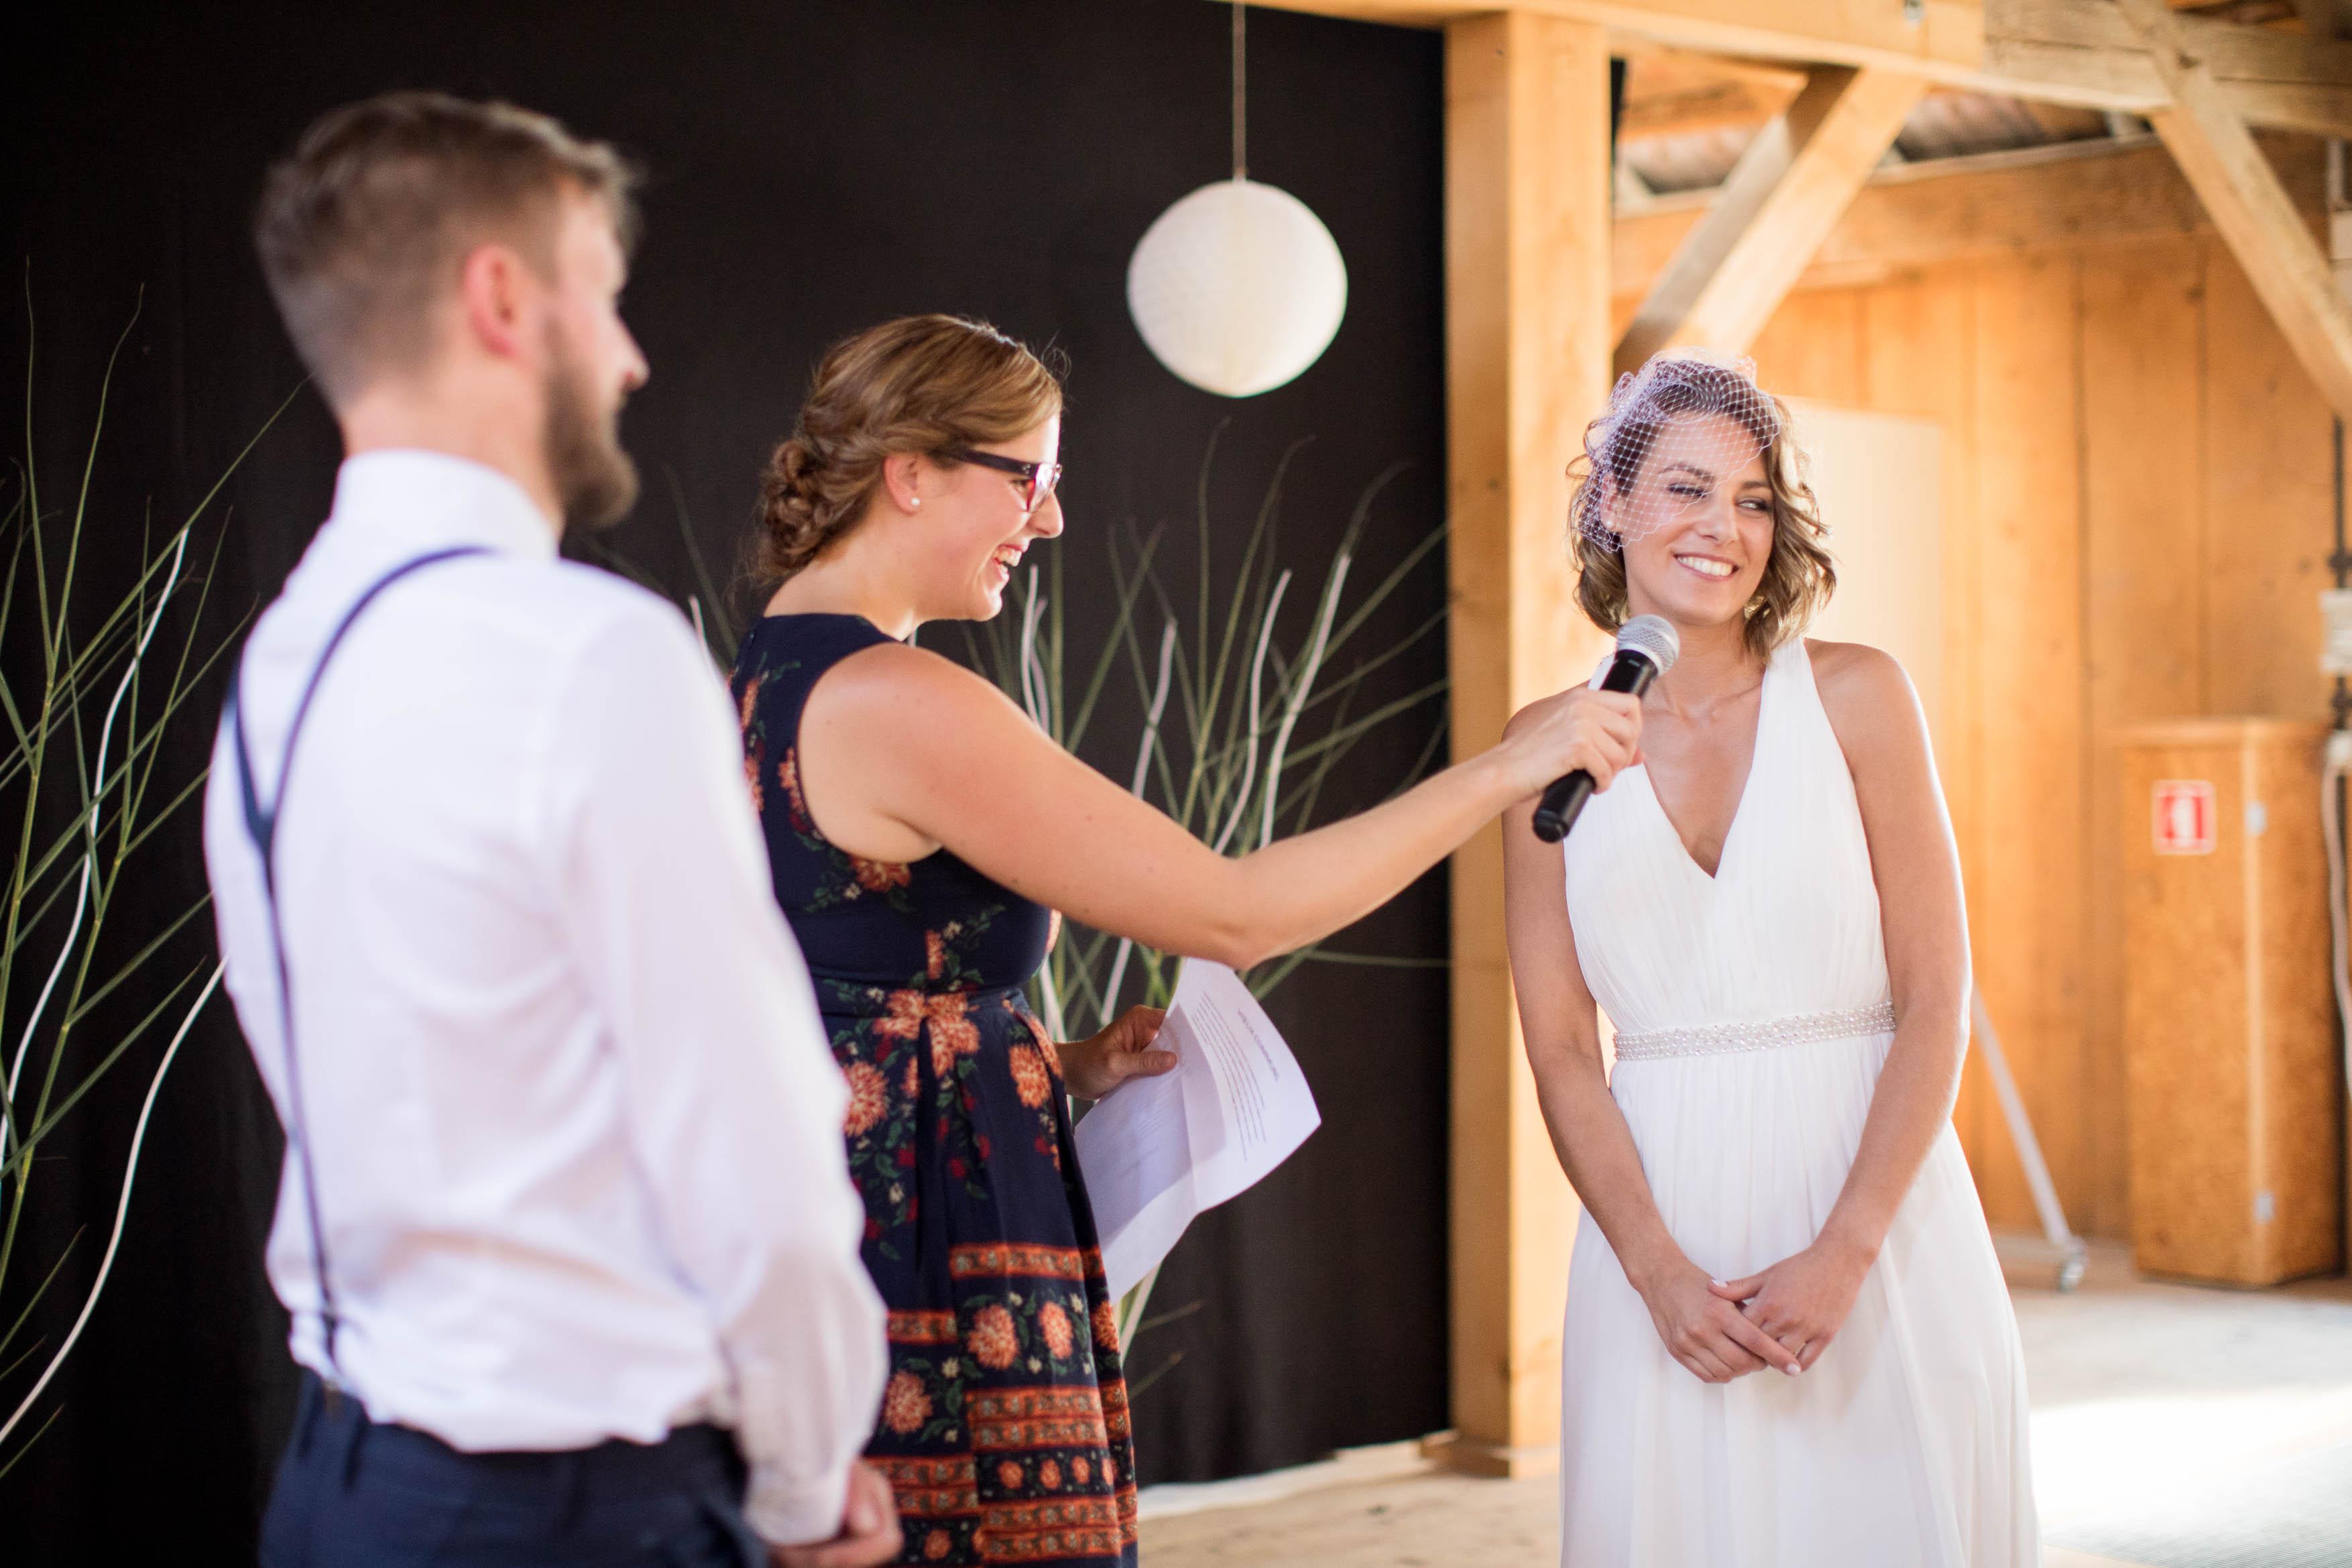 cérémonie laïque, mariage laic, cérémonie grange, mariage gruyère